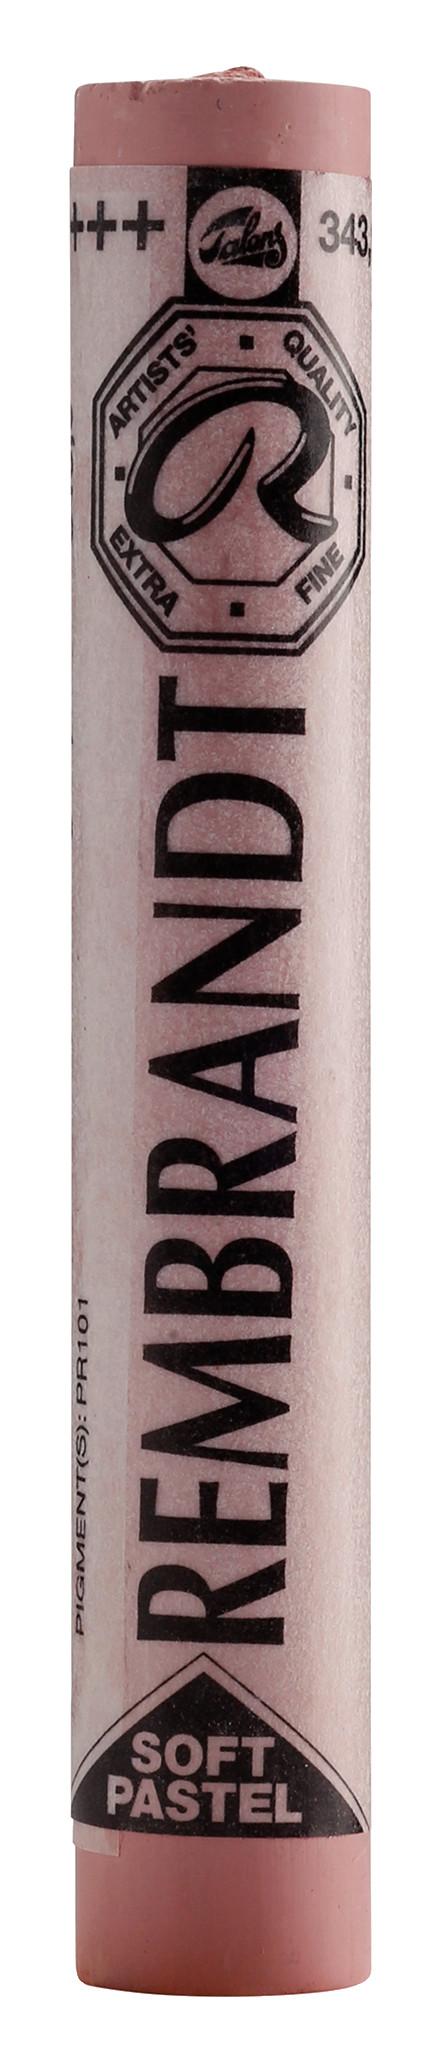 Rembrandt Soft Pastel Round Full Stick Caput Mortuum Violet(9) (343.9)